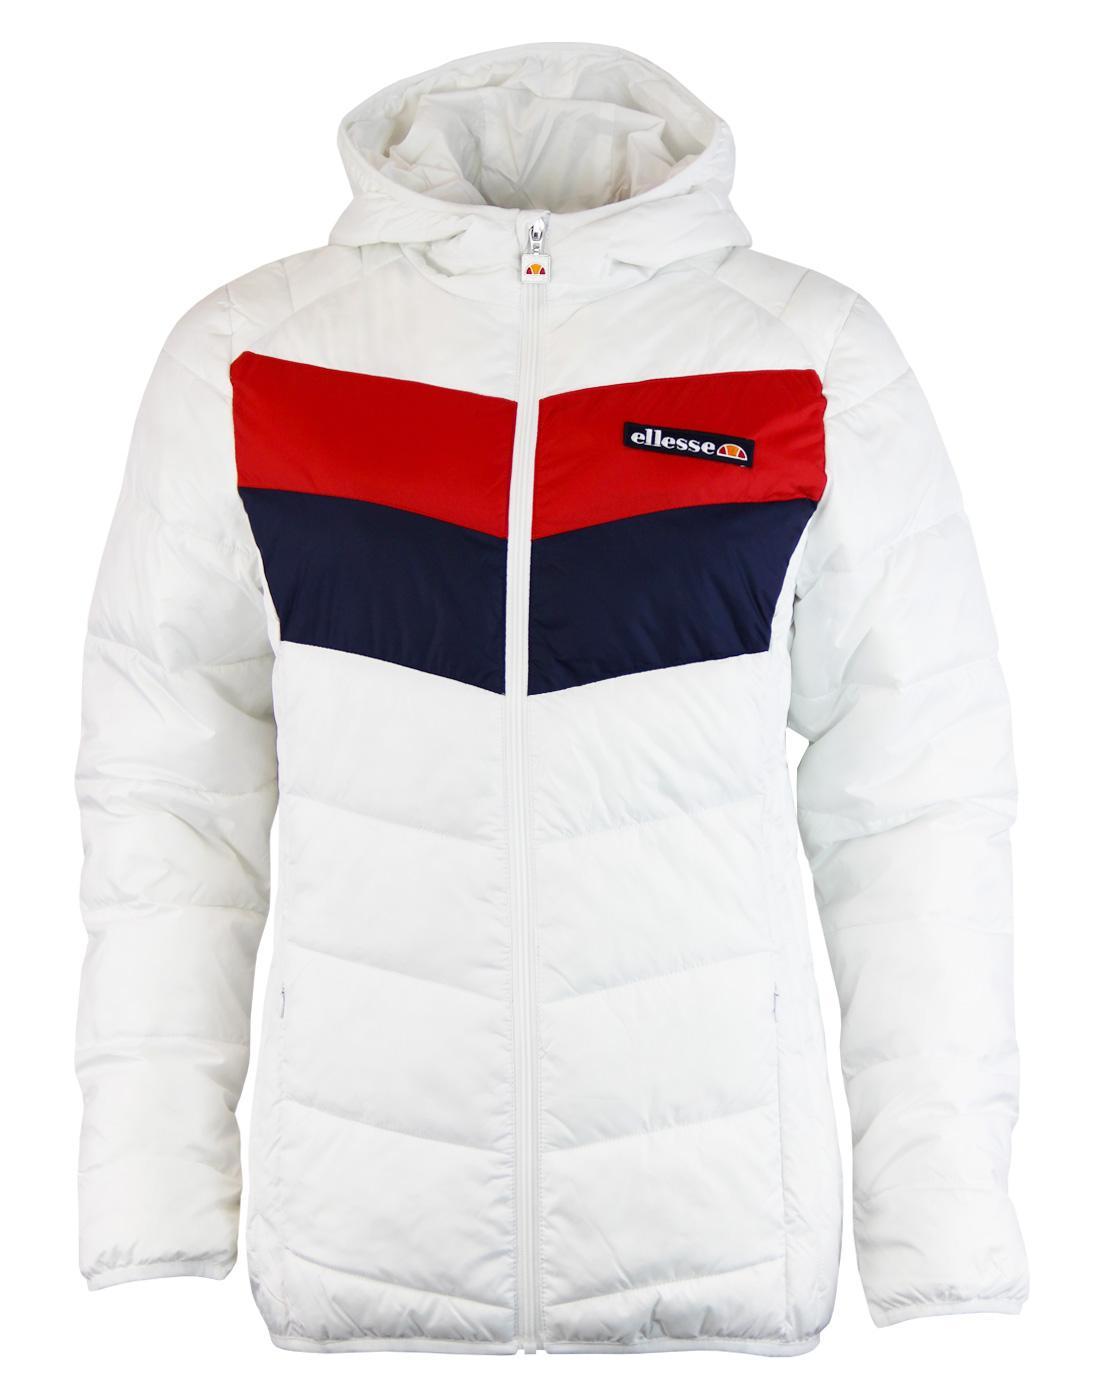 Ginette ELLESSE Retro 70s Chevron Ski Jacket (W)